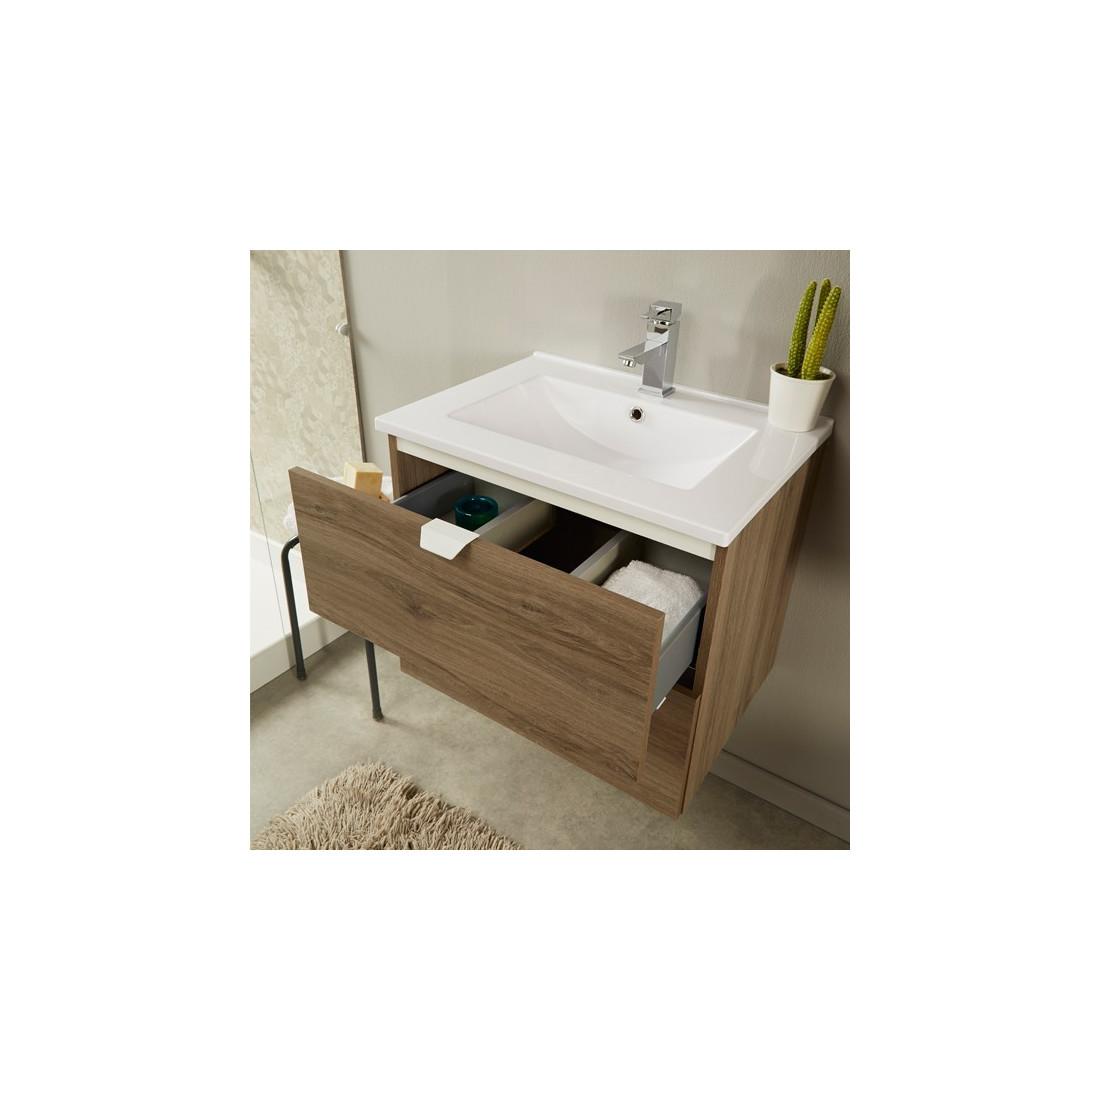 meuble vasque miroir ch ne moyen uriel n 3 univers salle de bain. Black Bedroom Furniture Sets. Home Design Ideas